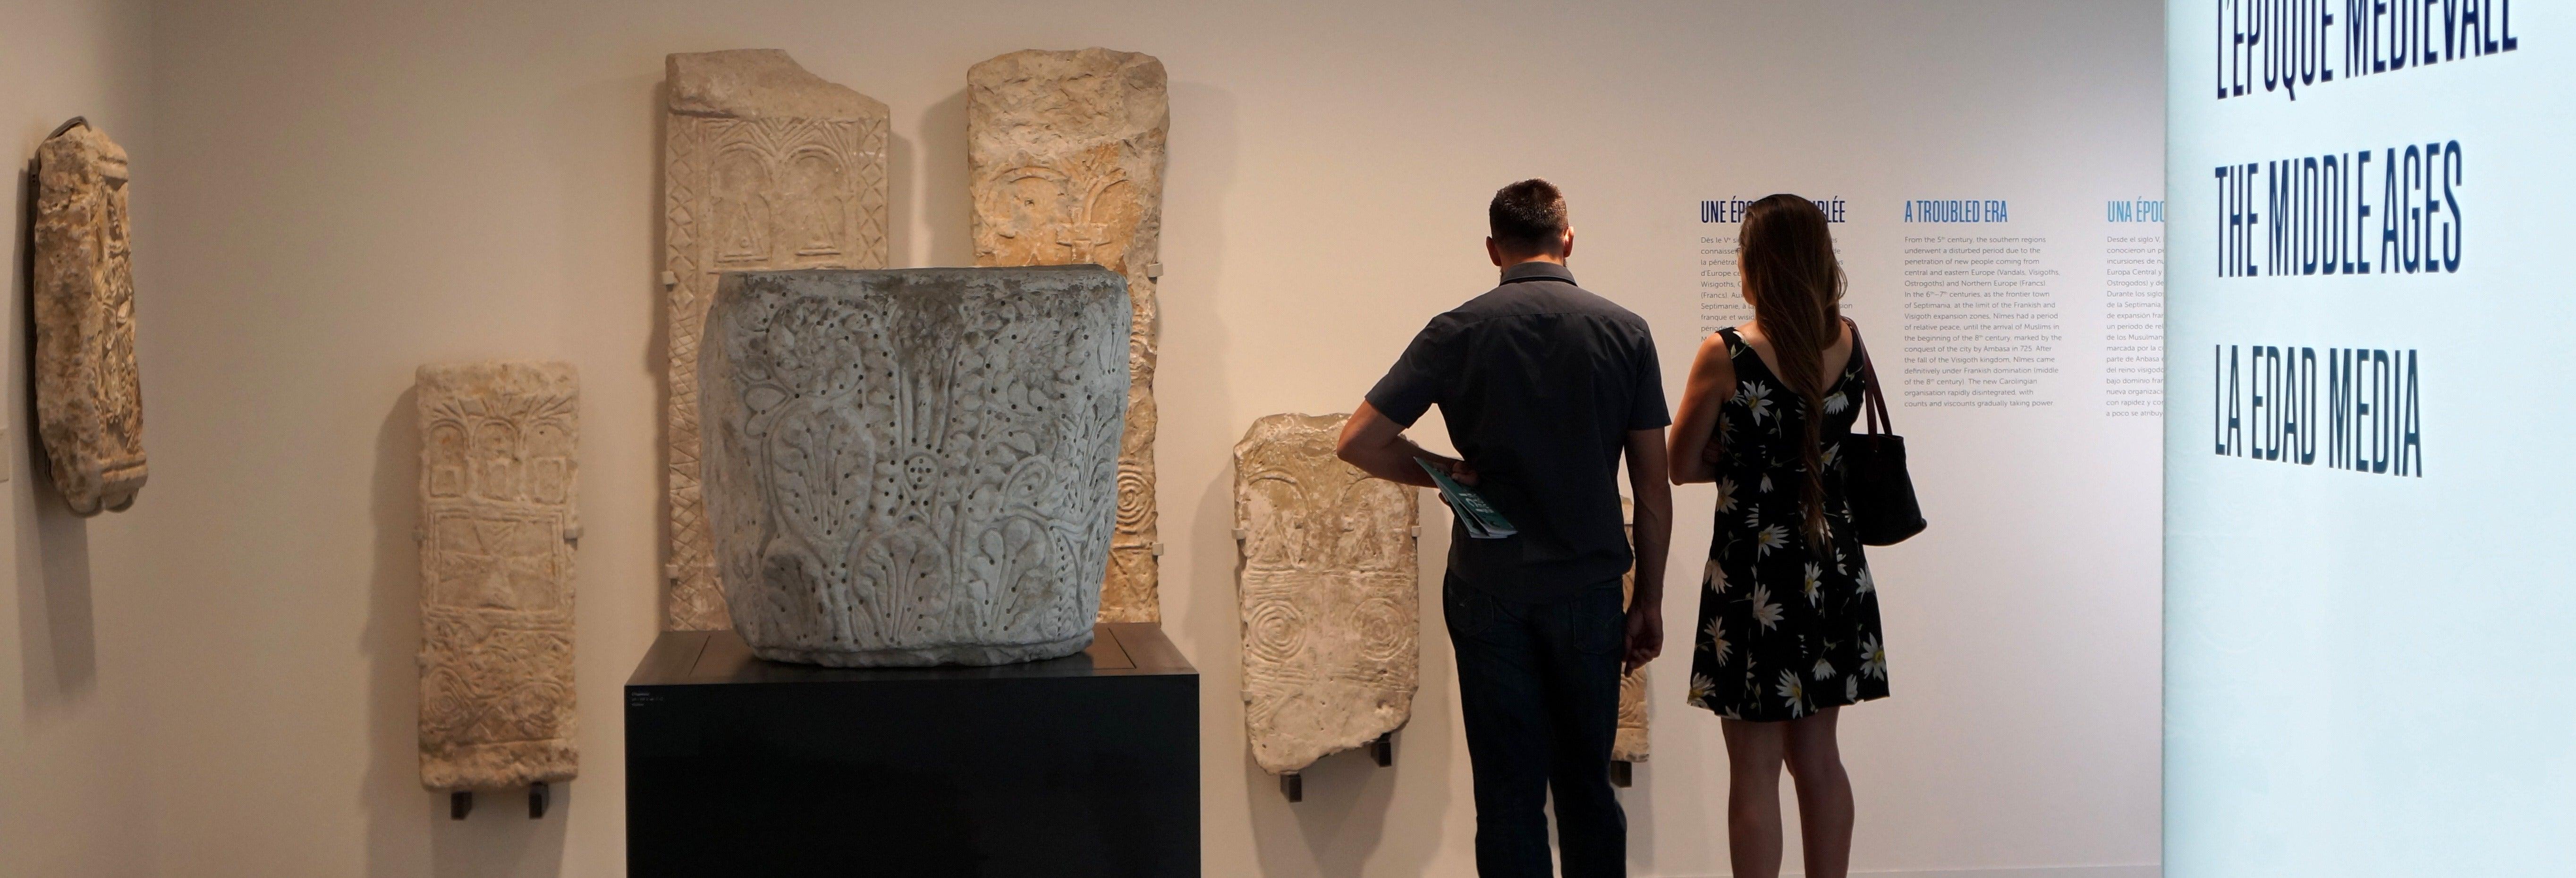 Entrada al Museo de la Romanidad de Nimes